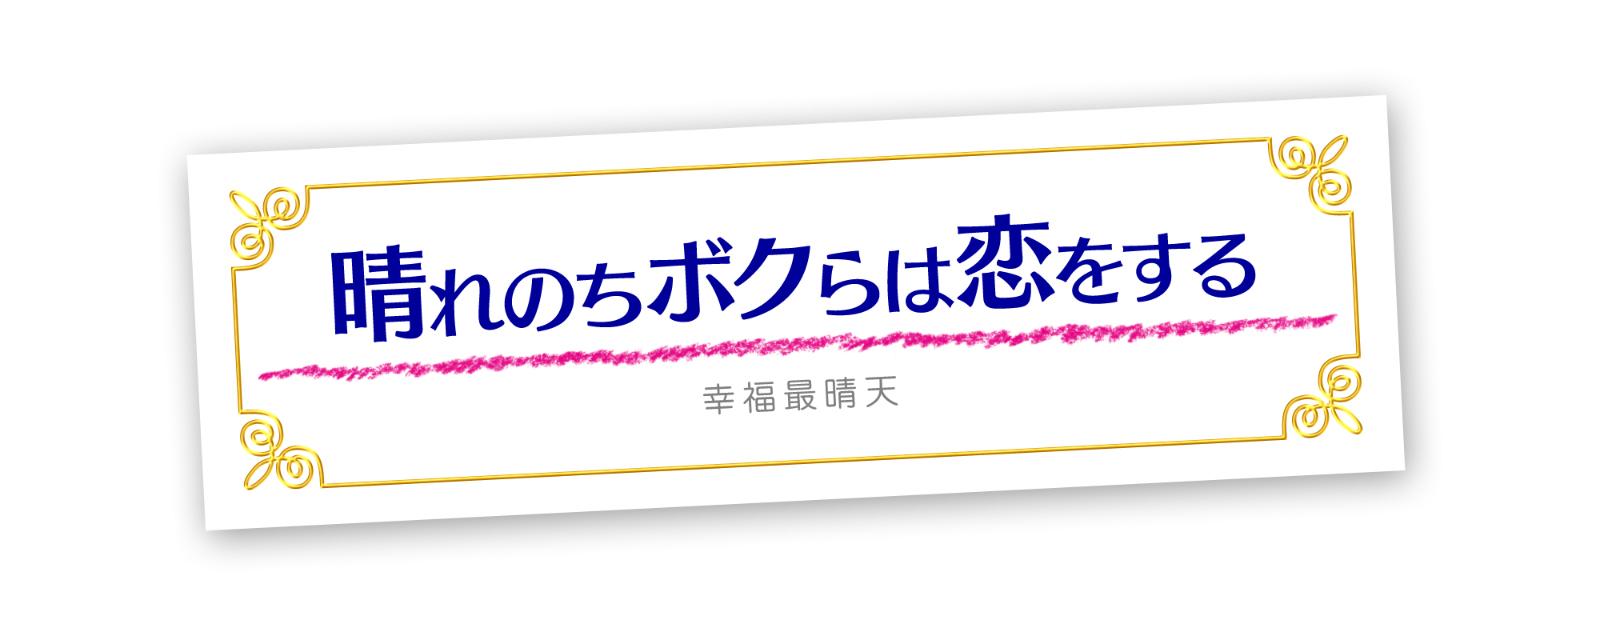 Hare_logo